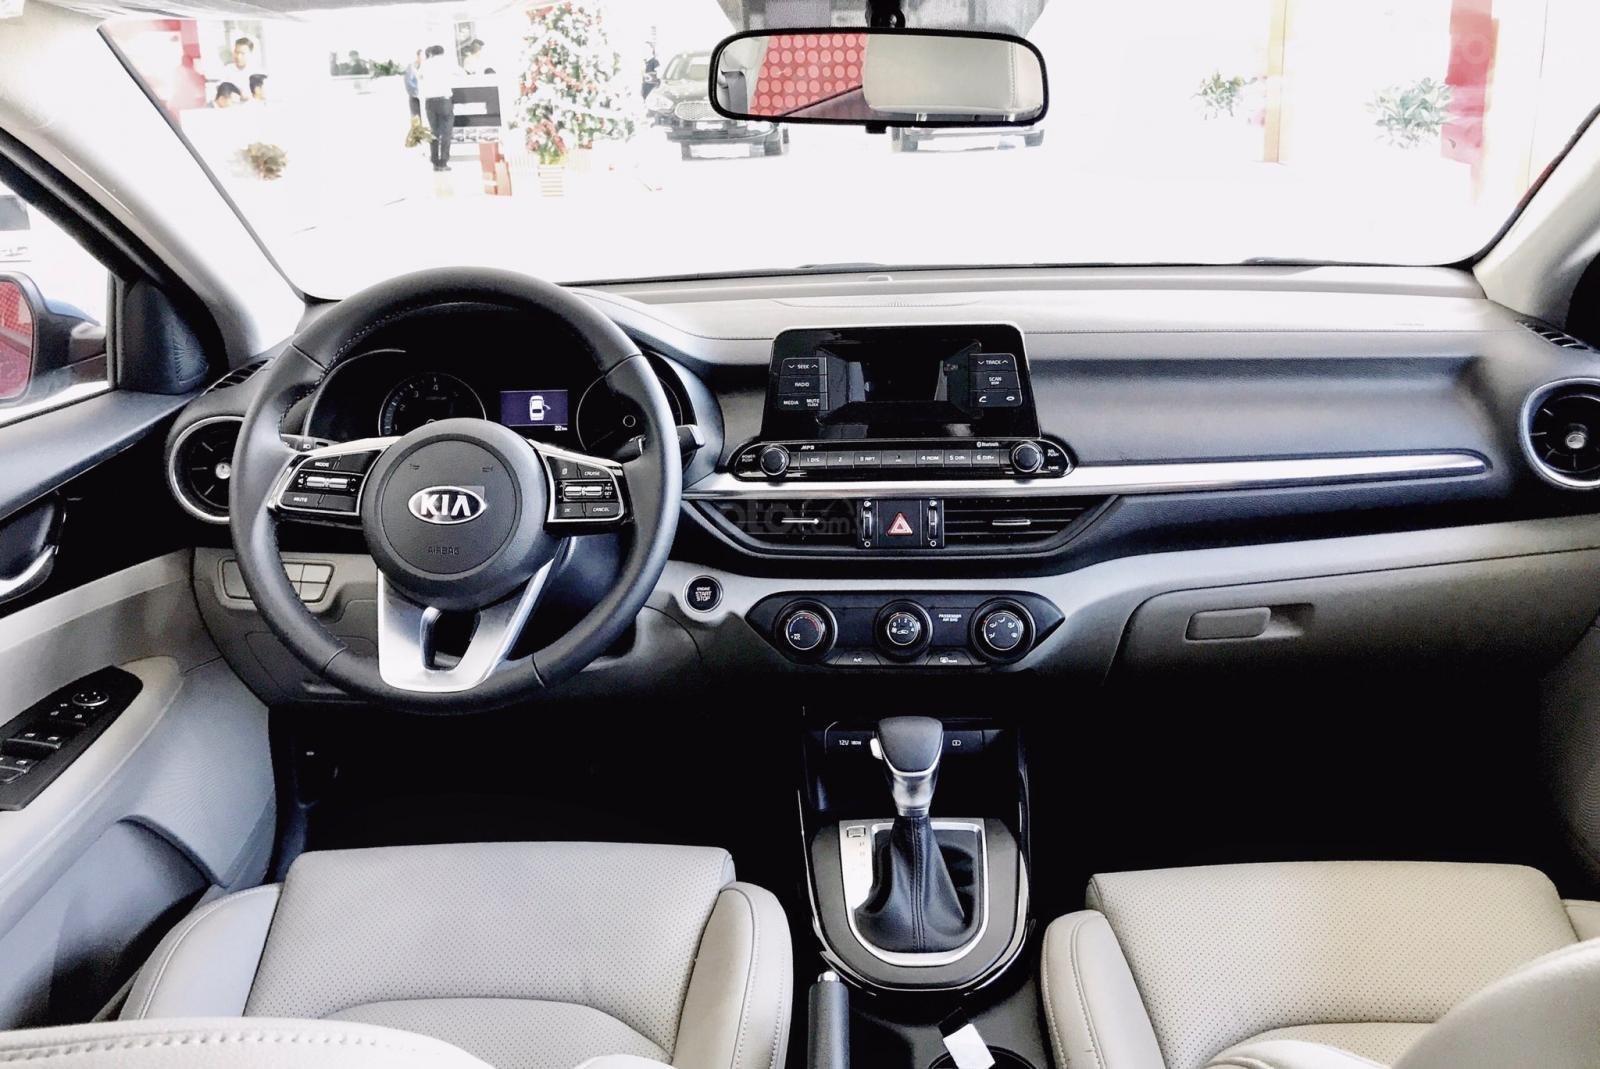 Kia Cerato All New 2019 - Khẳng định phong cách mới- Liên hệ ngay để được trợ giá tốt (4)